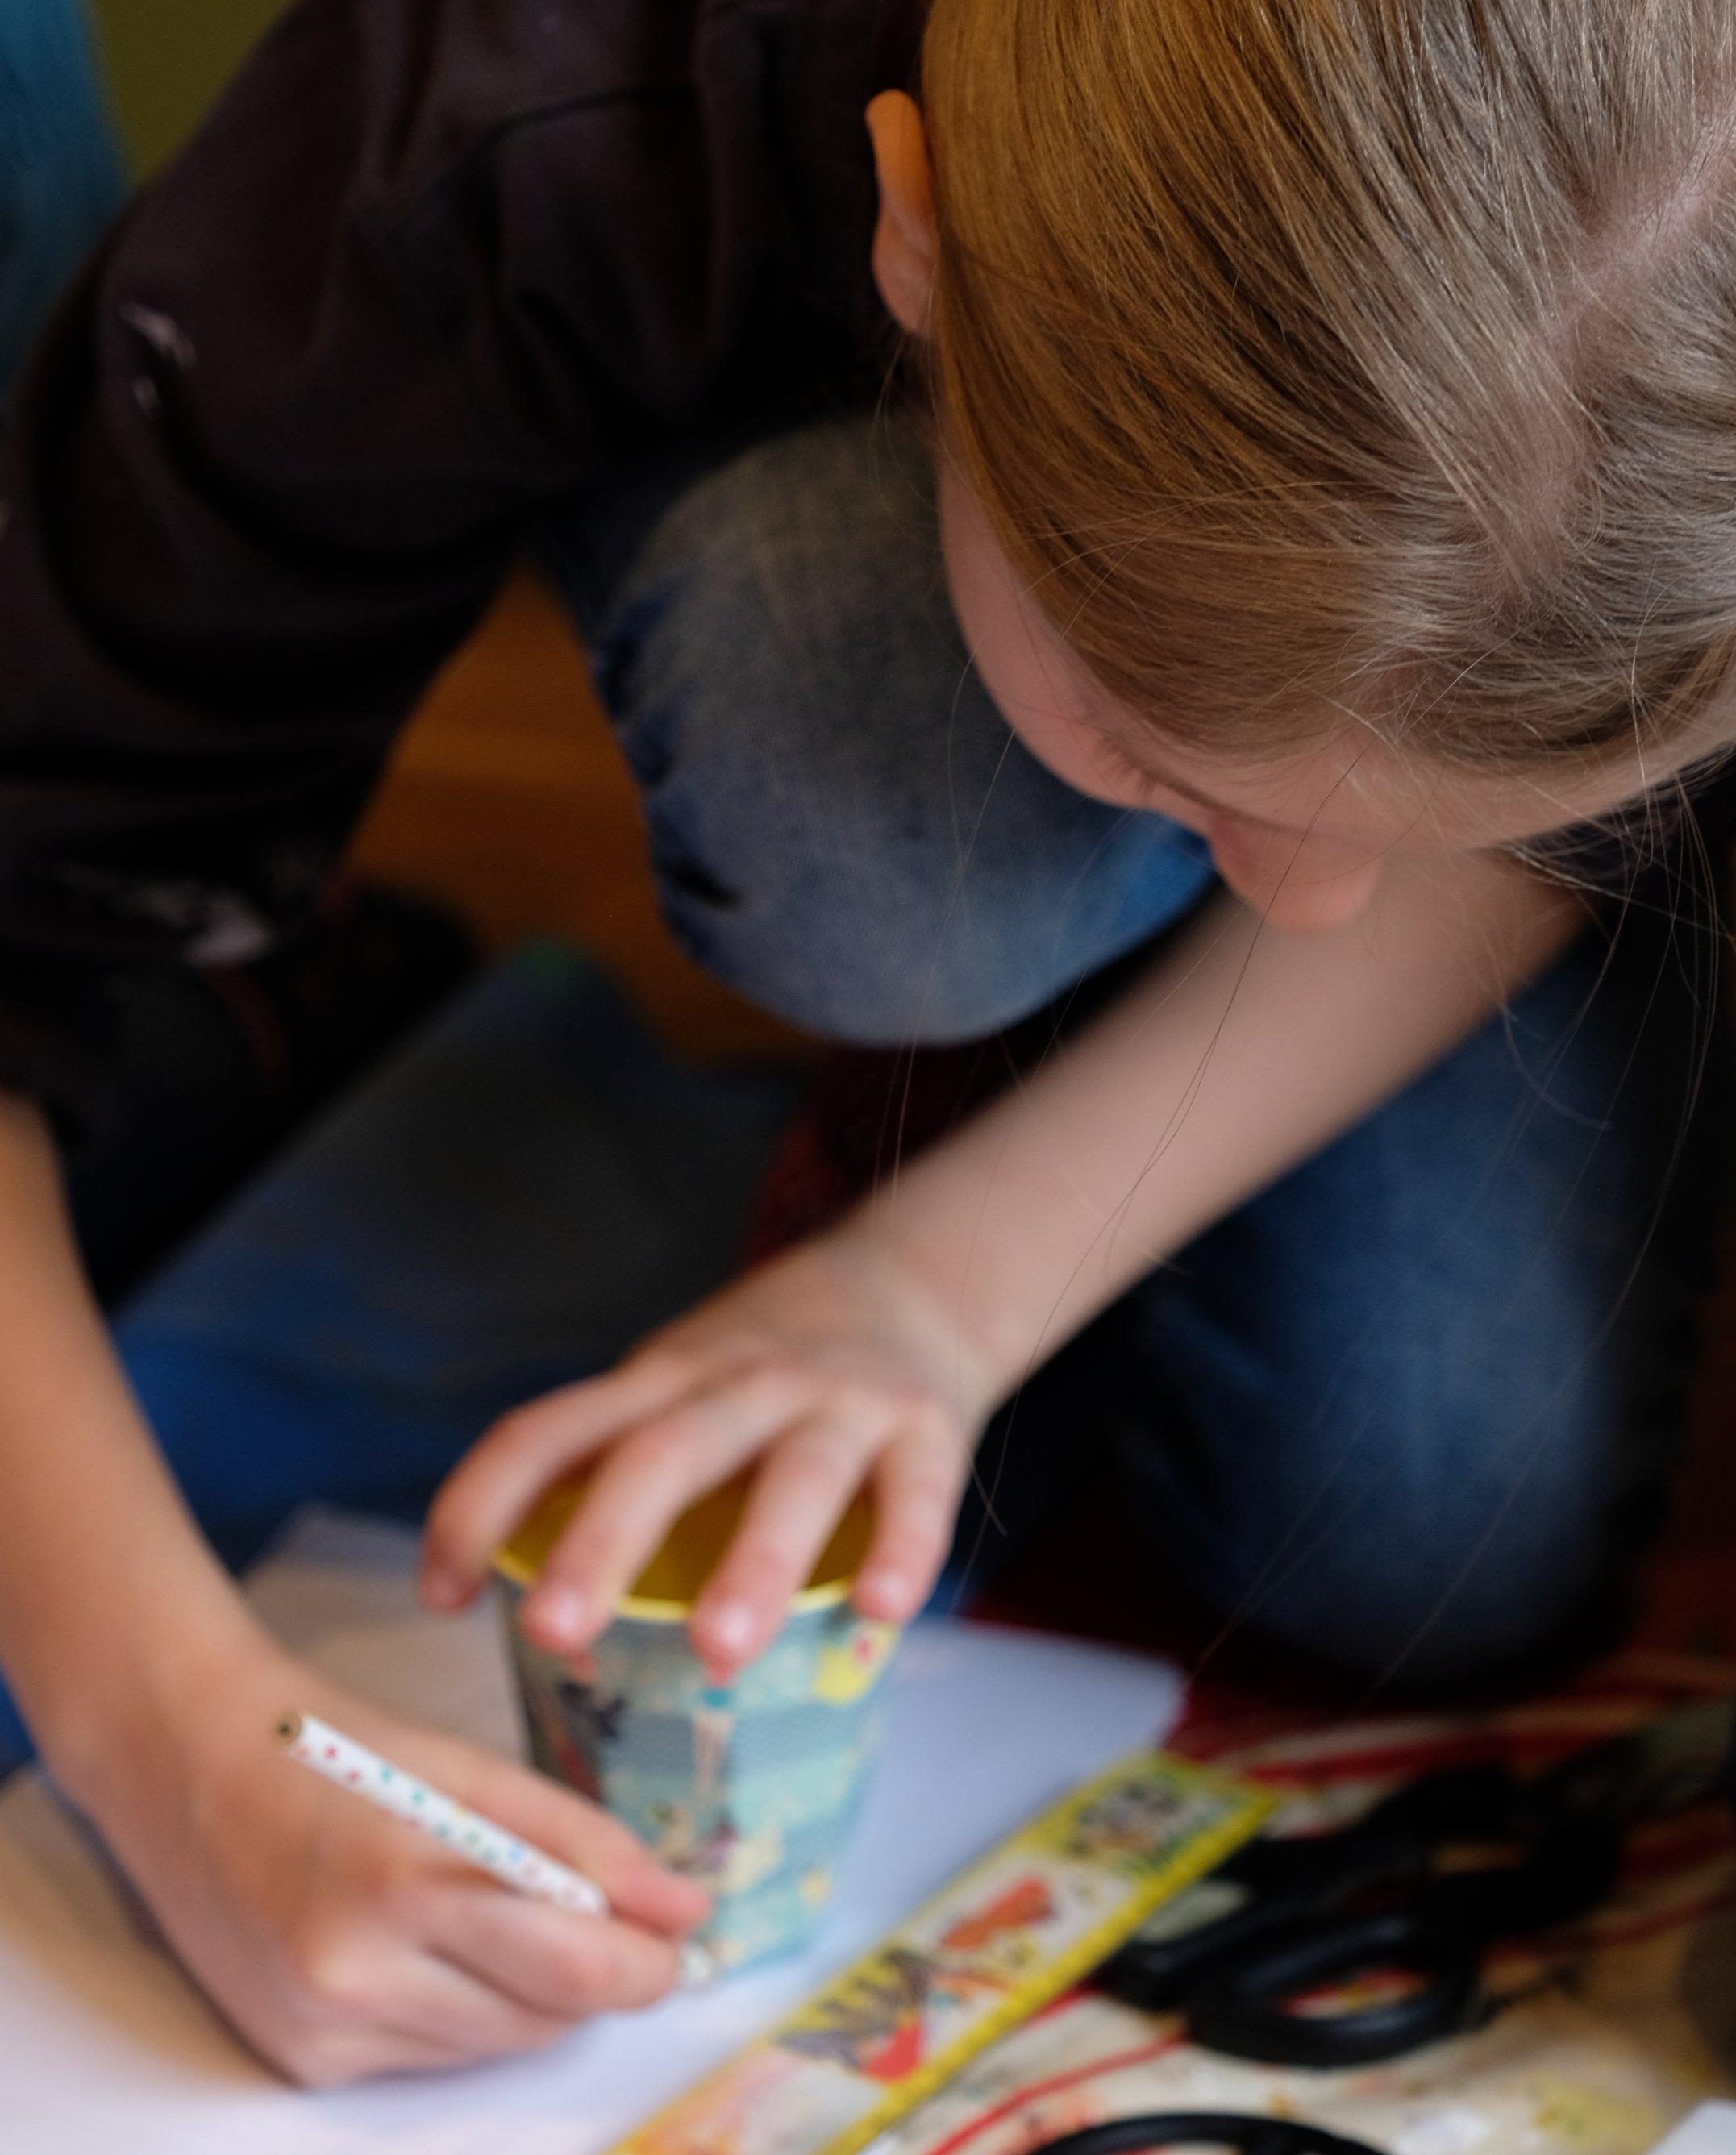 Tilda hockt auf dem Boden und hat einen Becher vor sich auf das Blatt Papier gestellt. Mit einem Stift fährt sie unten um den Becherboden herum – und hat eine runde Form gezeichnet.